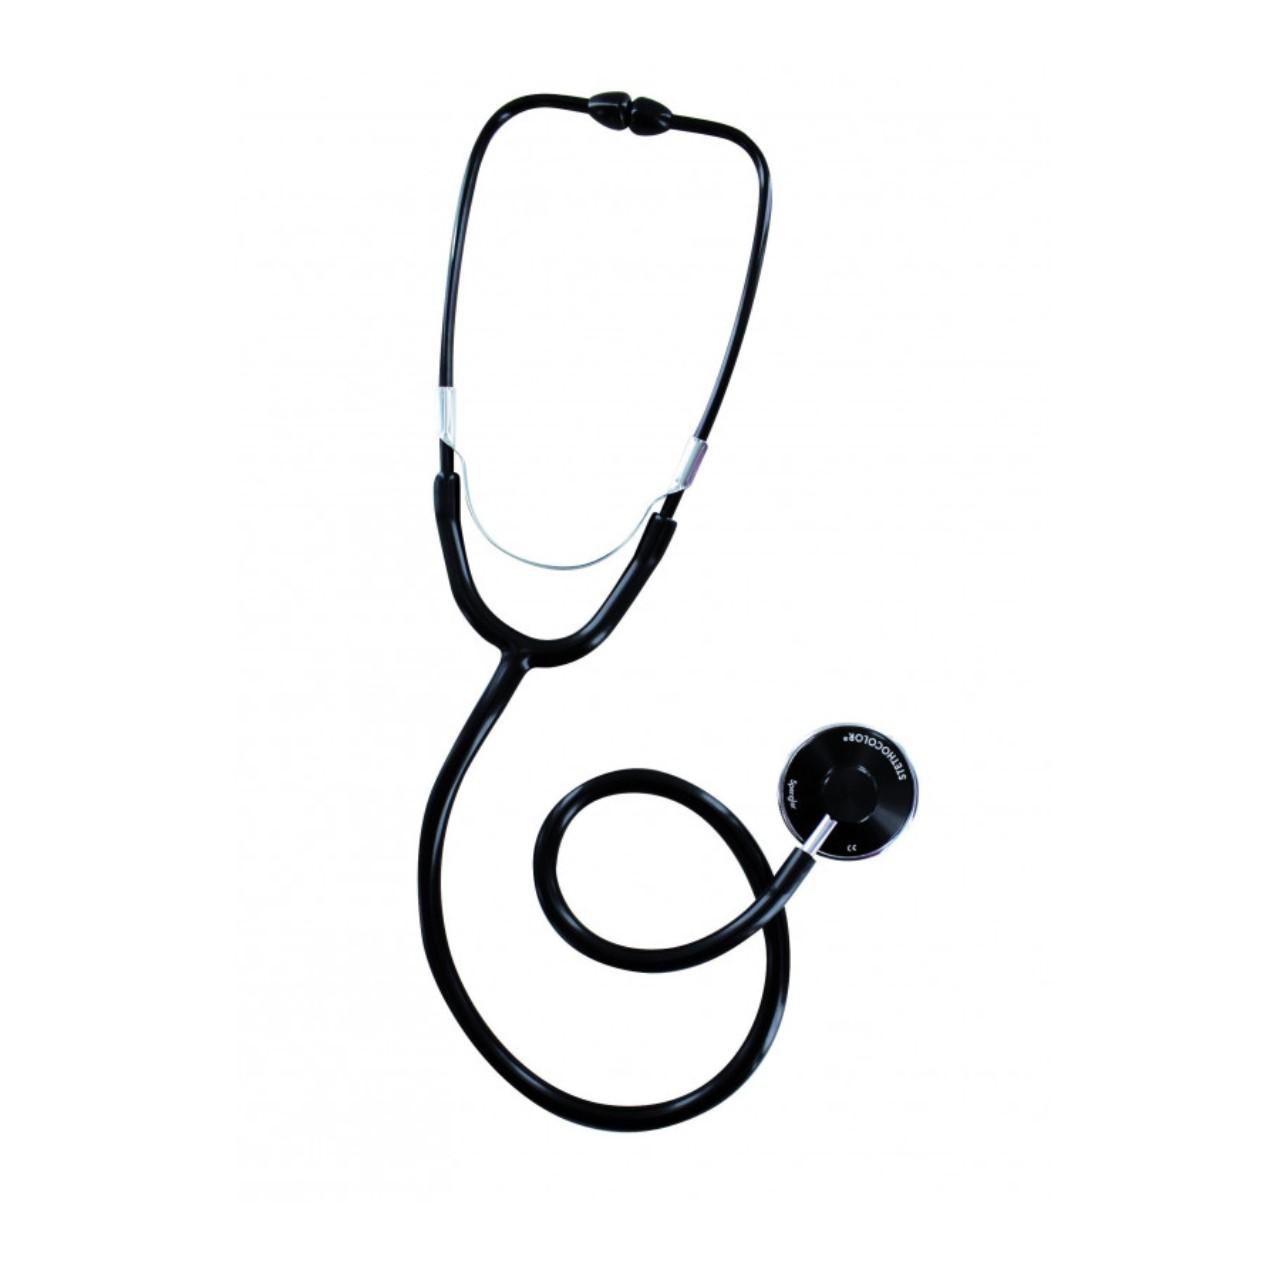 گوشی طبی اسپنگلر مدل Stethocolor single head